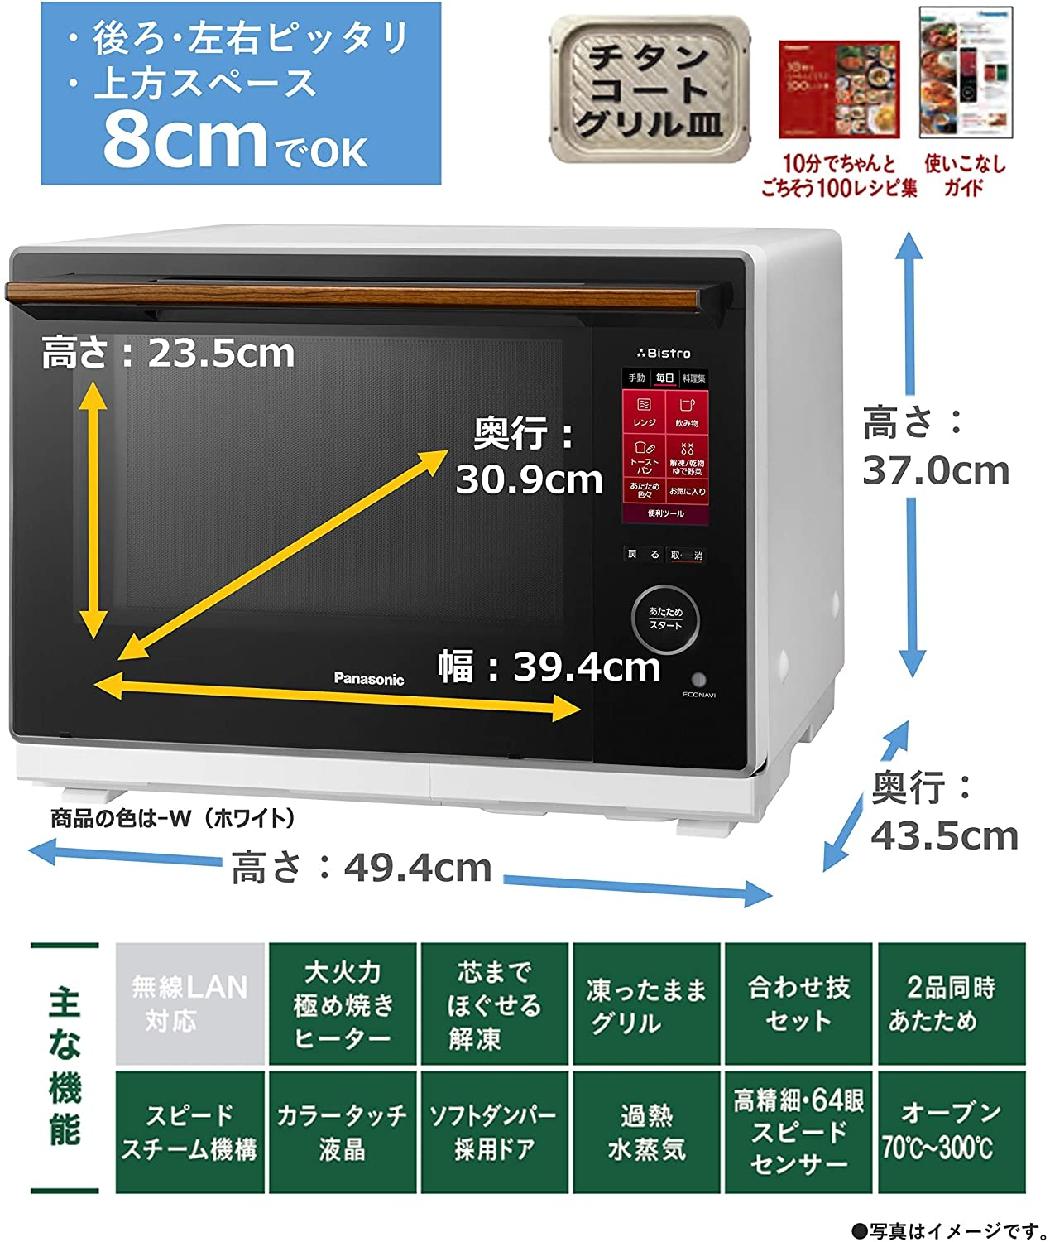 Panasonic(パナソニック) スチームオーブンレンジ NE-BS1600の商品画像6